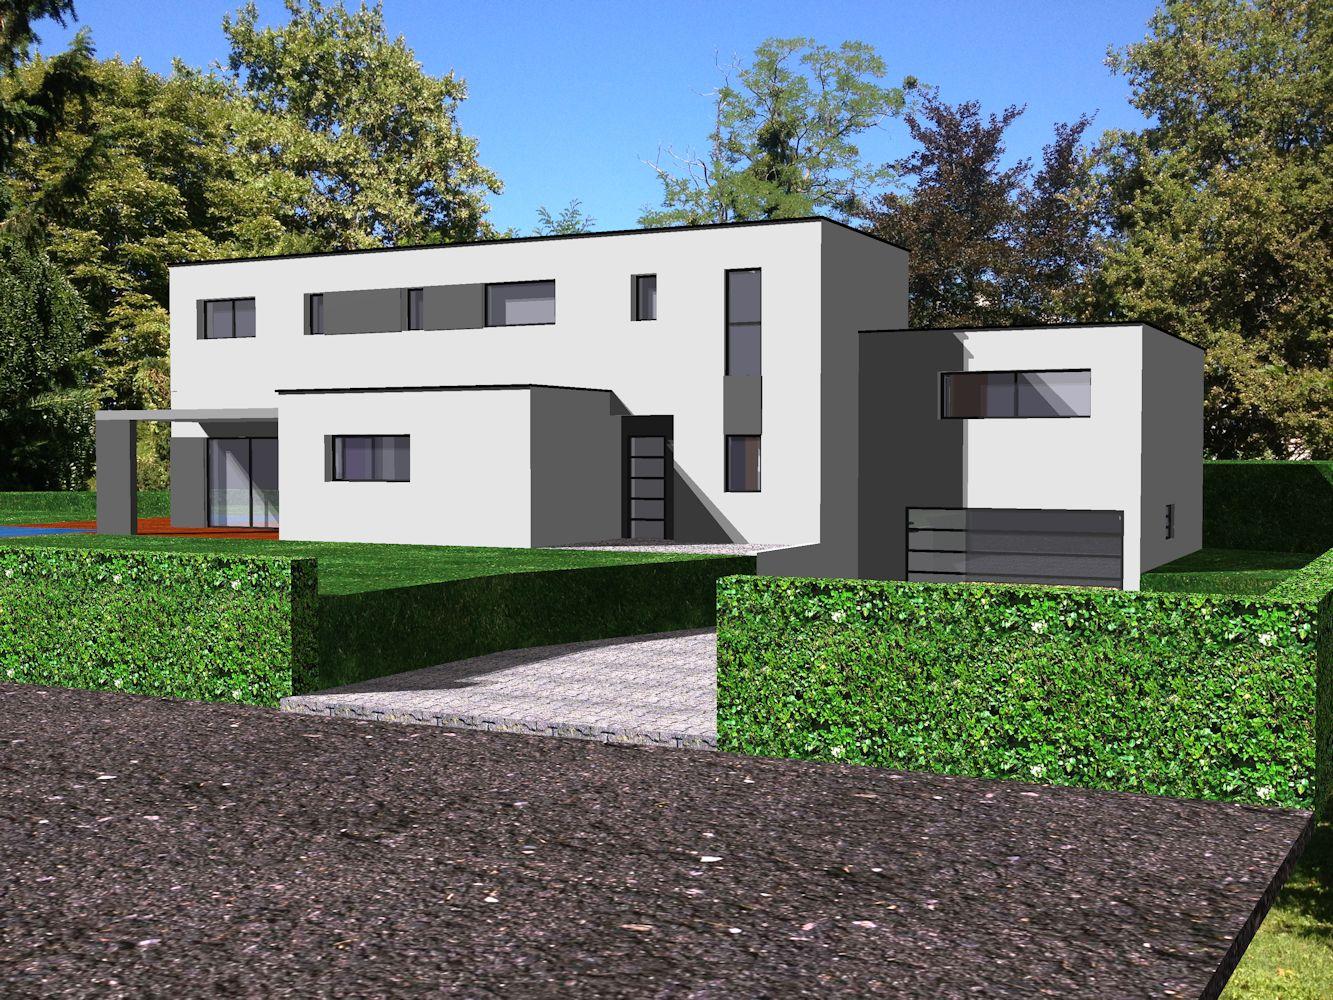 Projet au sud de lyon pour cette maison contemporaine for Projet maison contemporaine